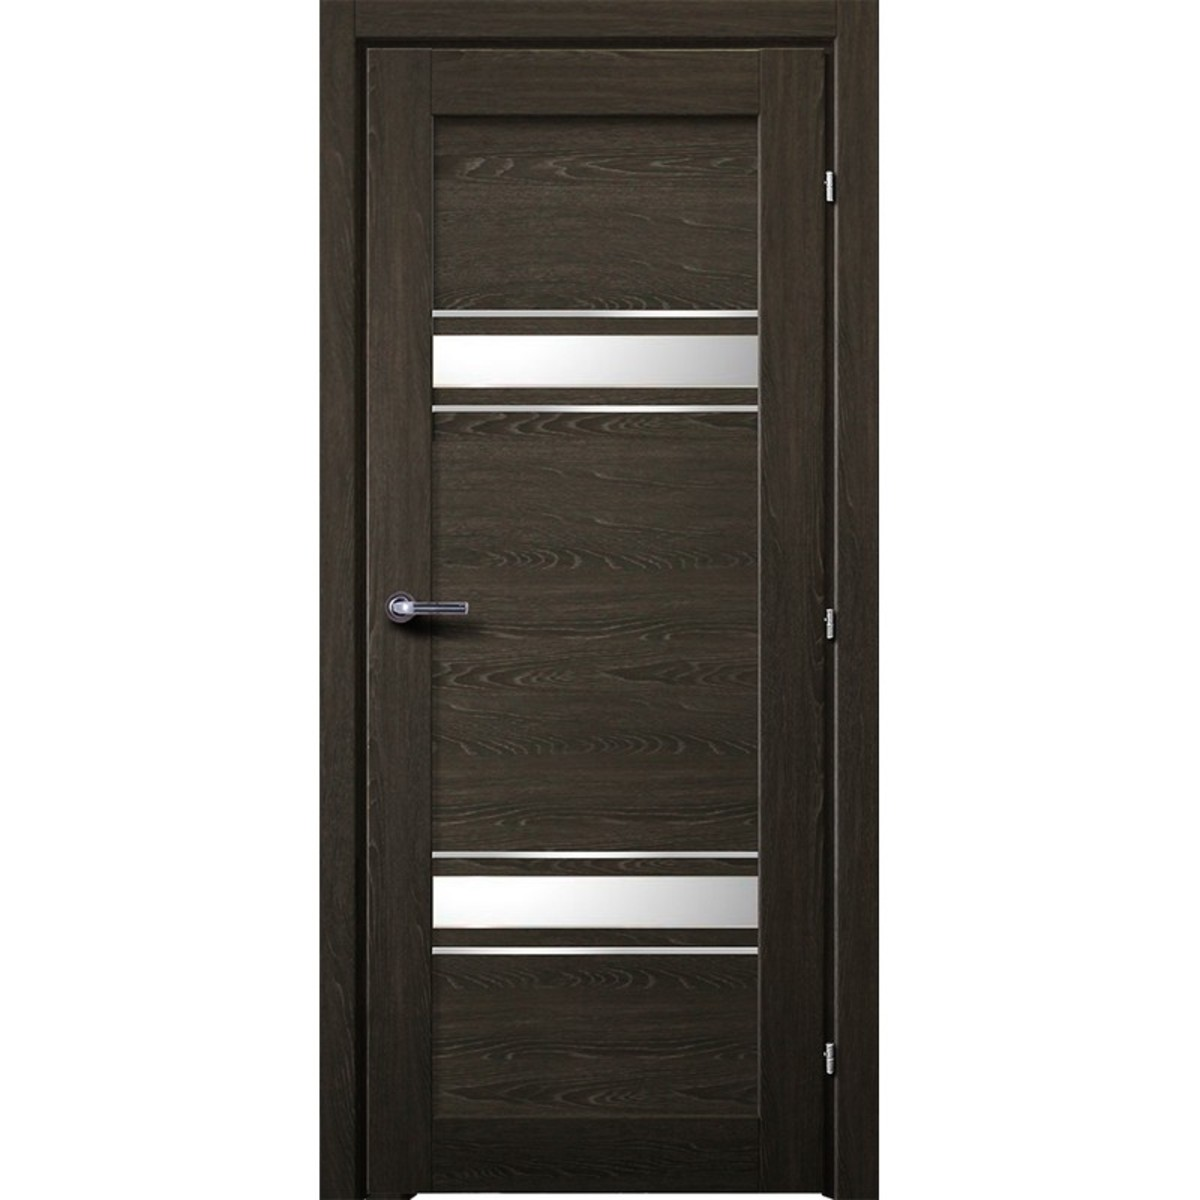 Дверь Межкомнатная Остеклённая Арден 70x200 Cpl Цвет Графит С Фурнитурой